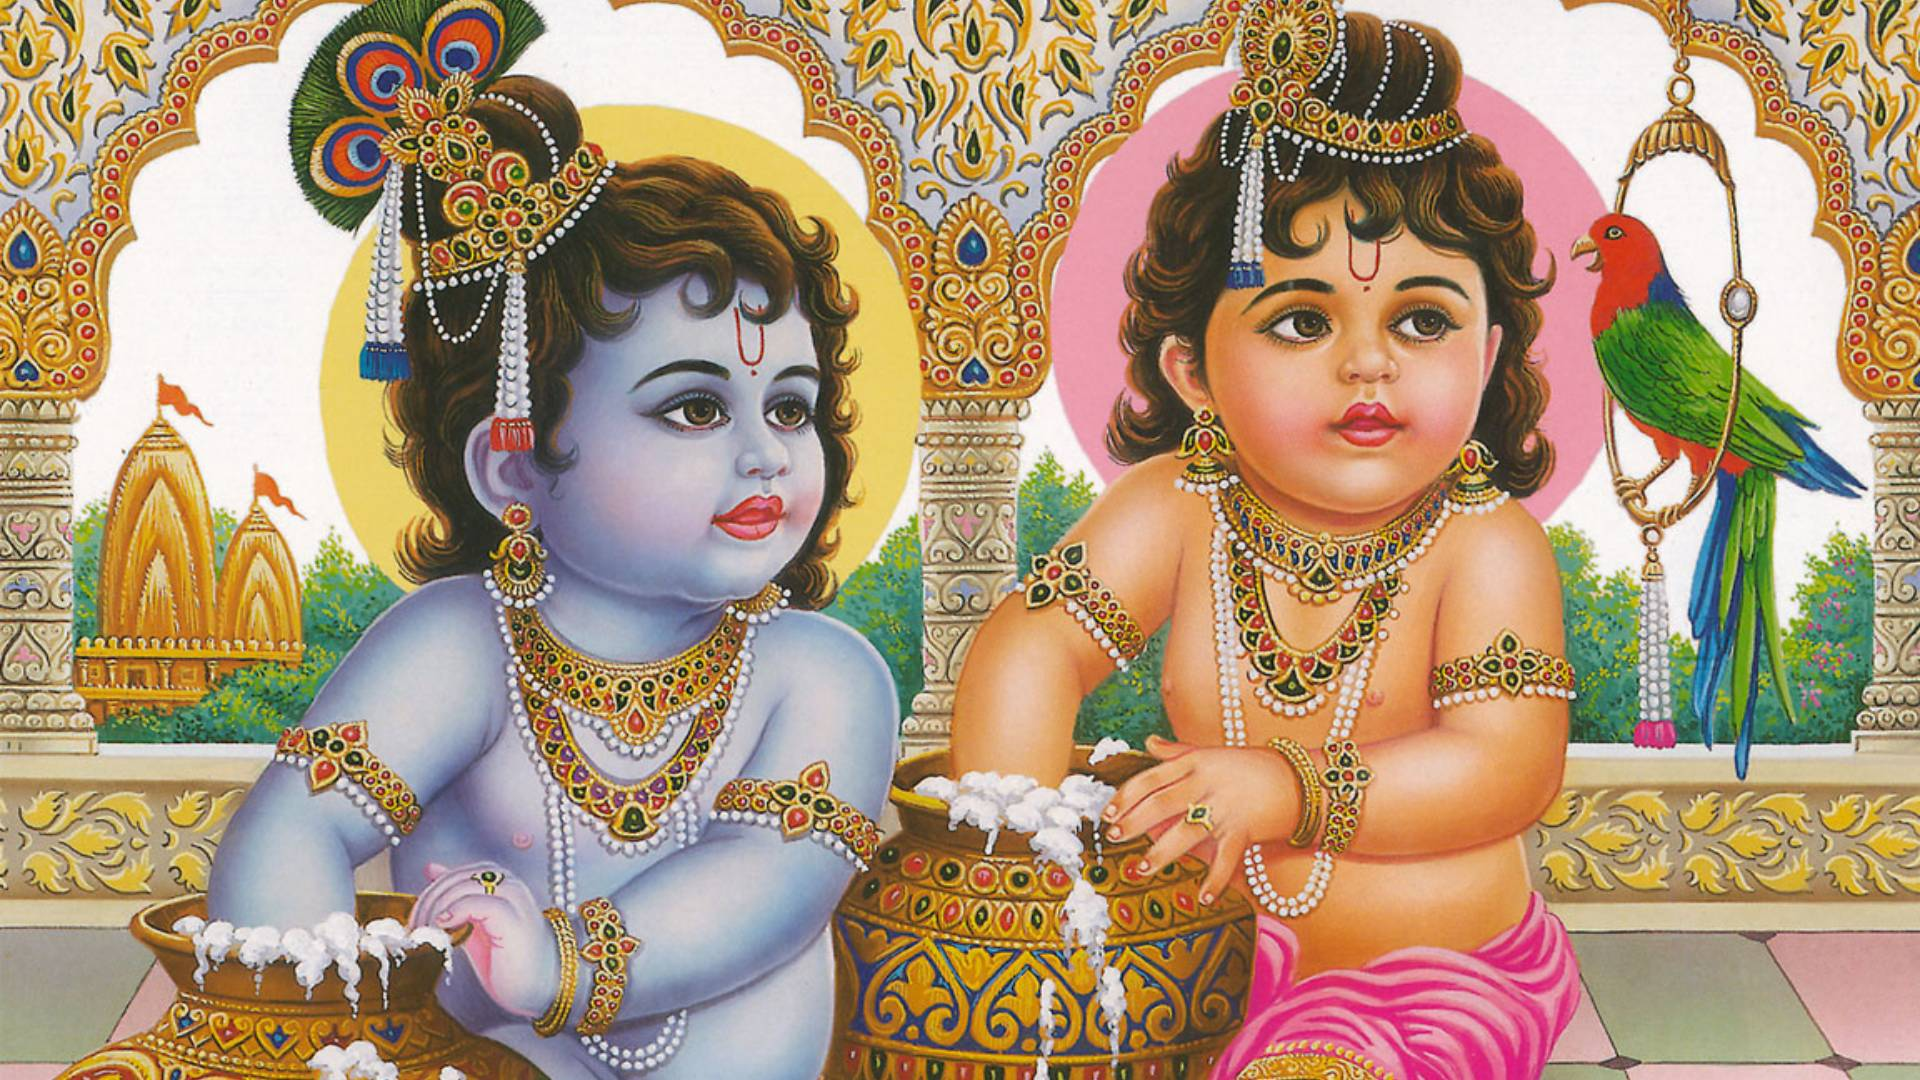 Hal Chhath 2019: जन्माष्टमी से पहले इसलिए की जाती है बलराम की पूजा, इस दिन व्रत करने से होती है संतान प्राप्ति